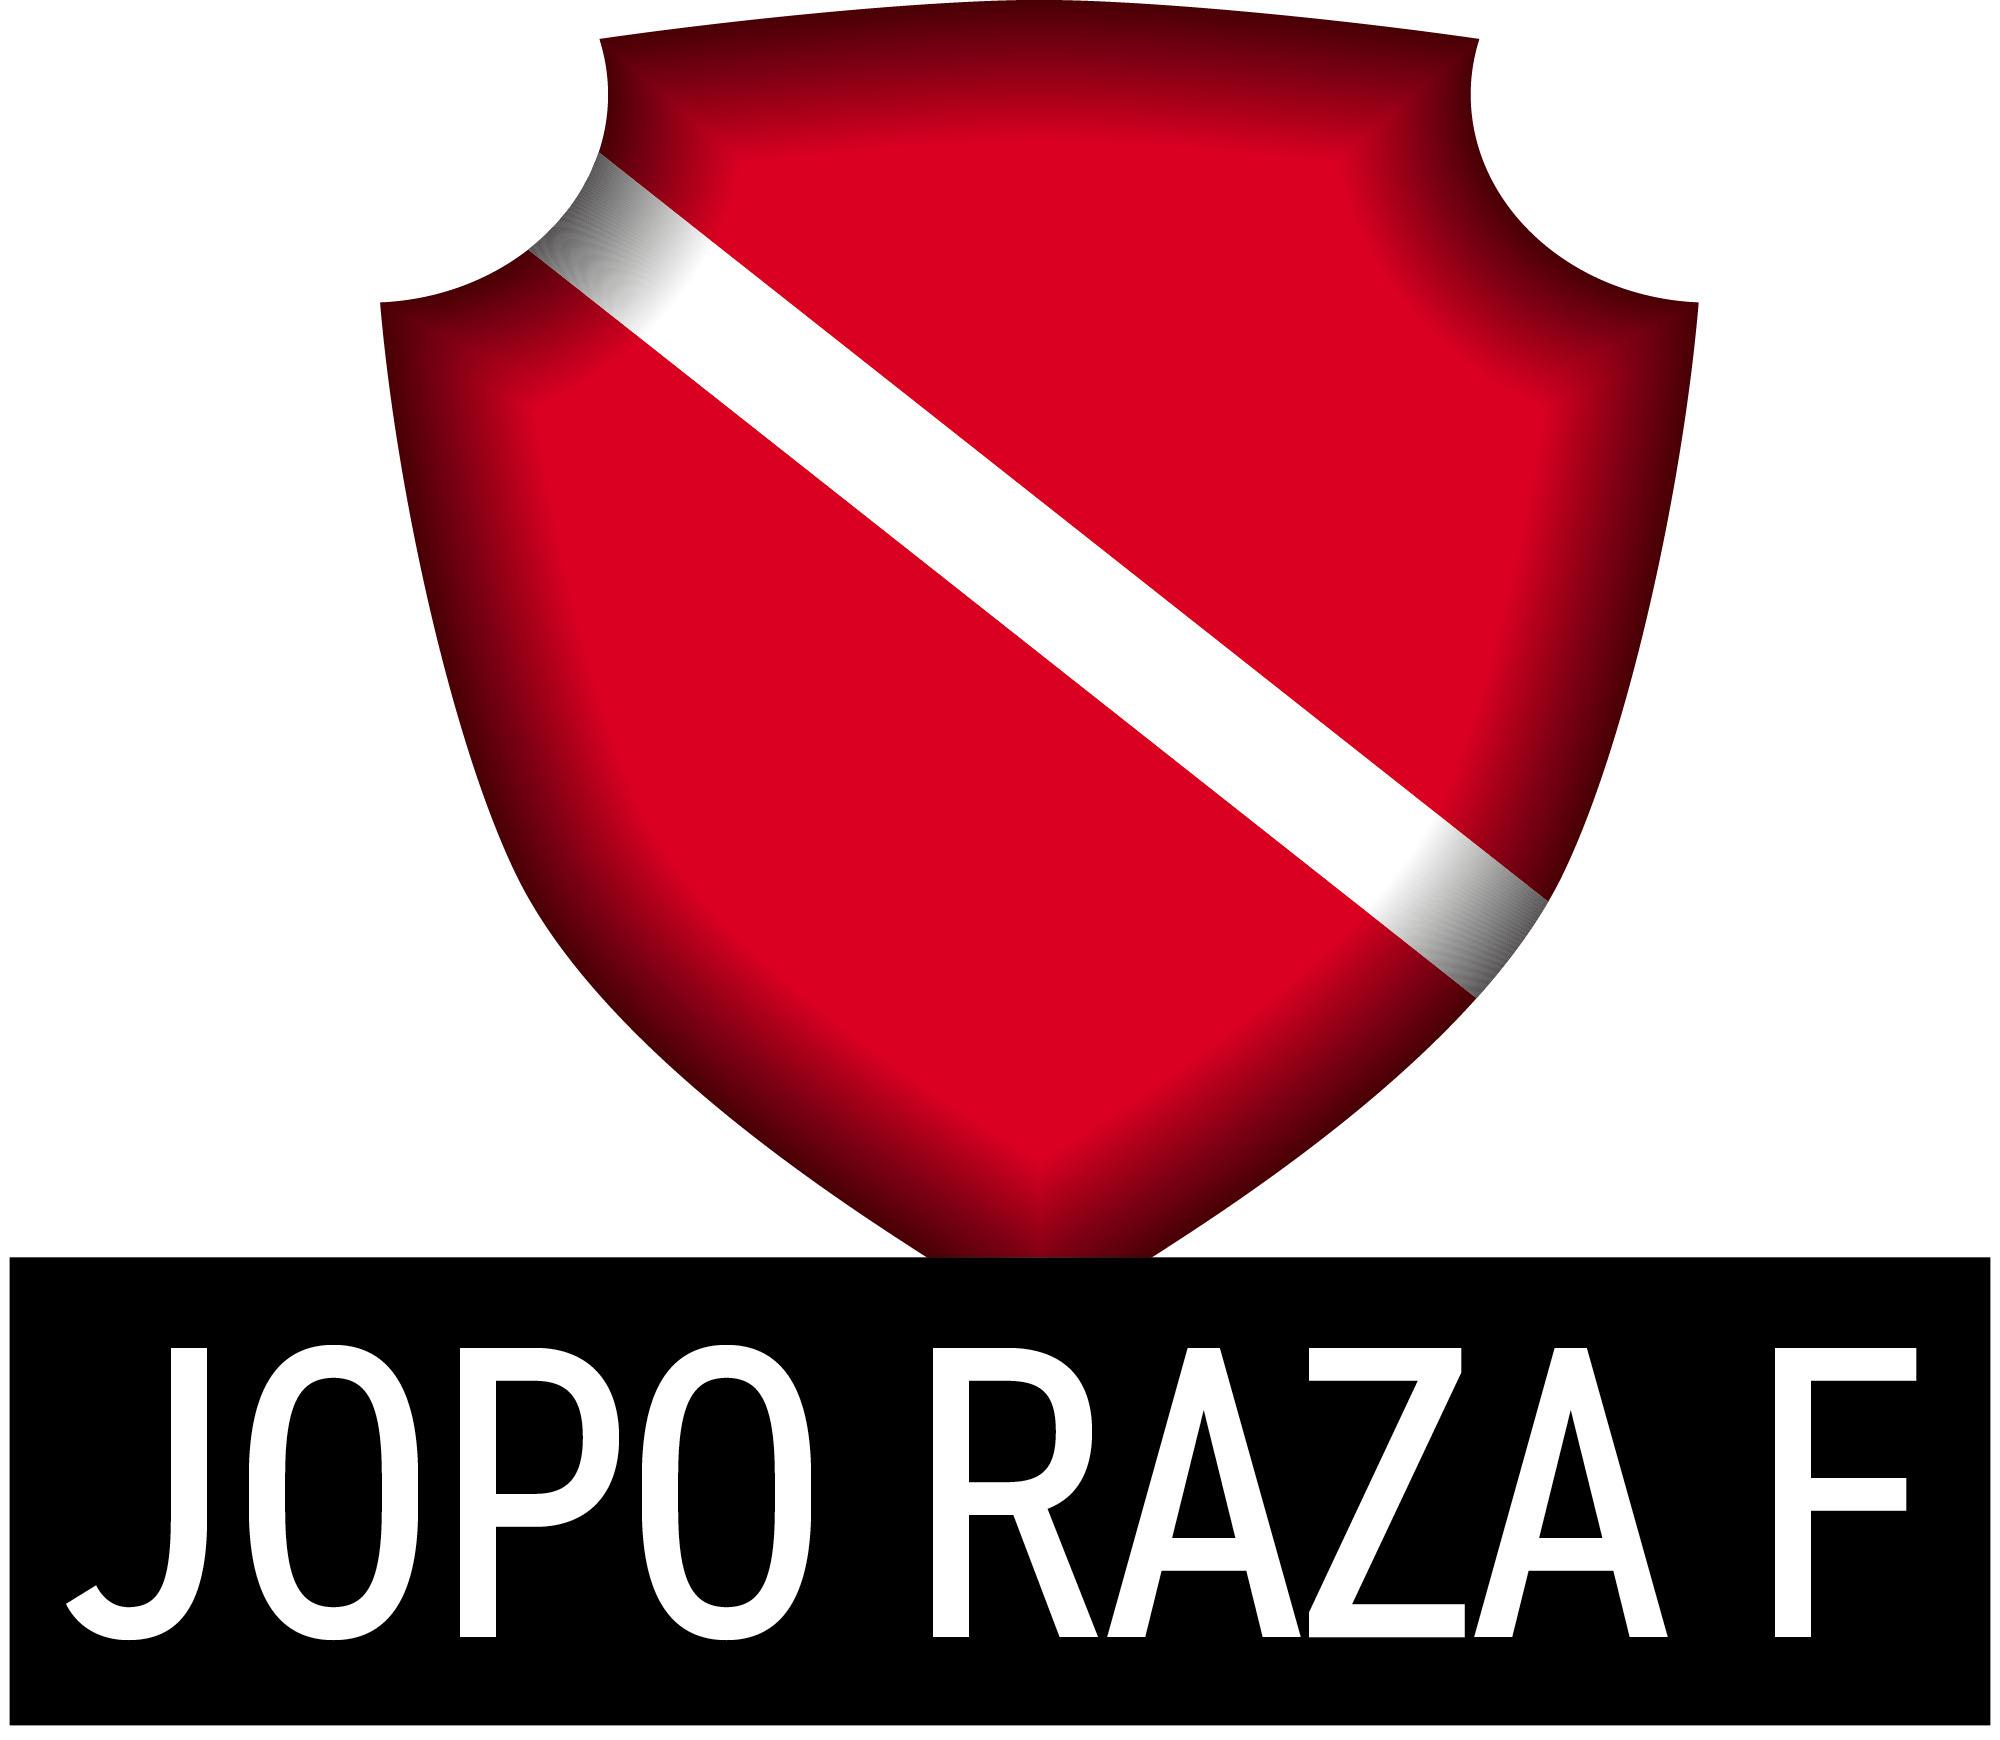 JOPO RAZA E